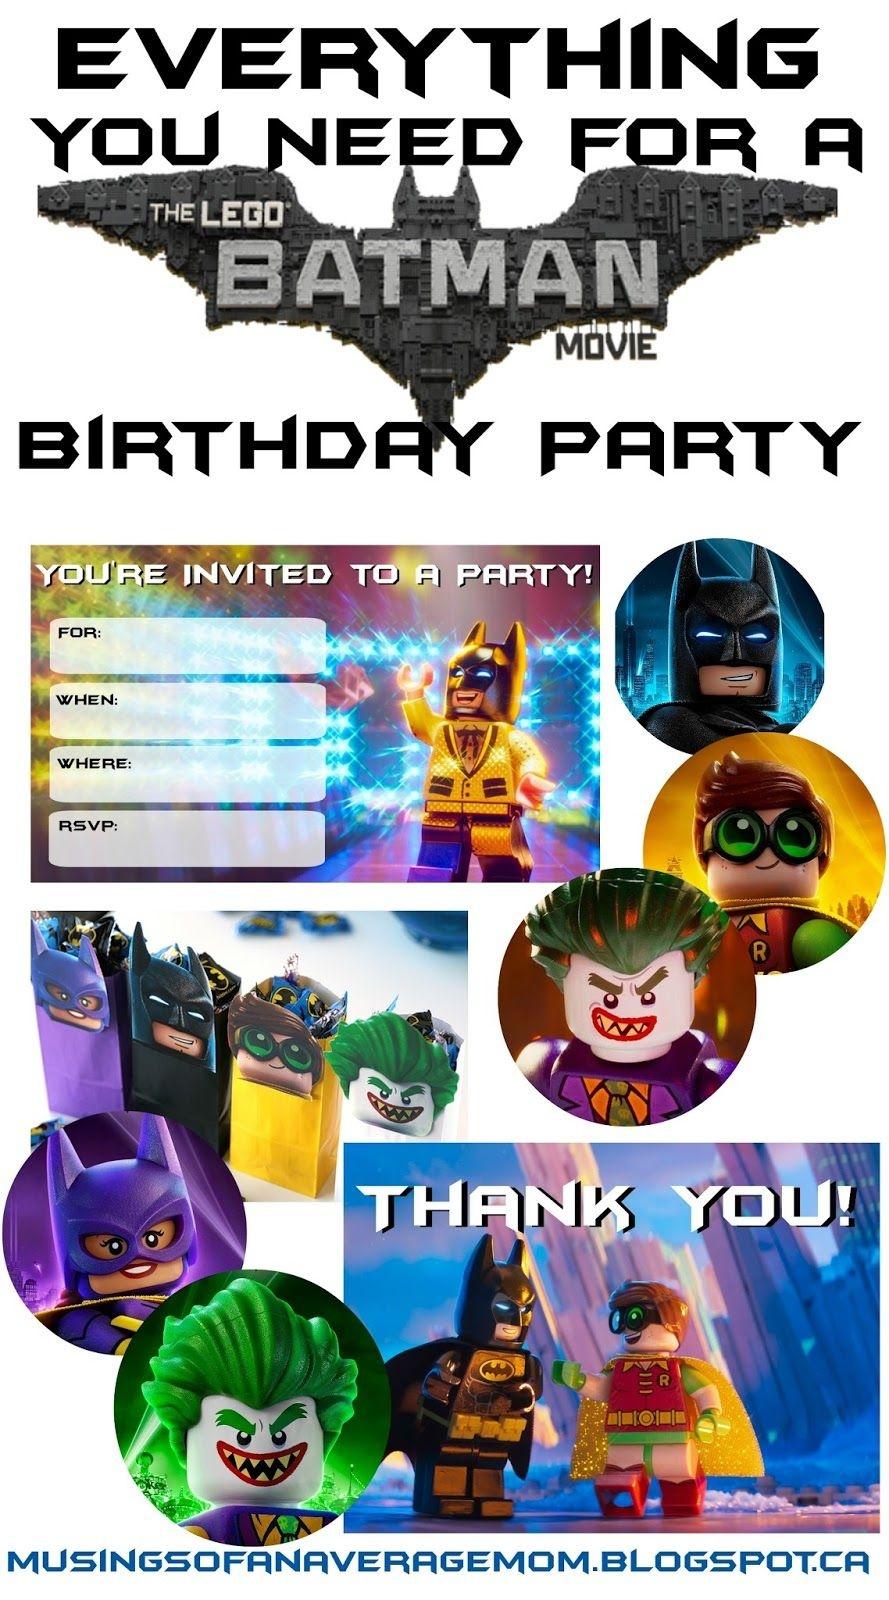 Lego Batman Thank You Cards   Lego Batman 5Th Bday   Lego Batman - Lego Batman Party Invitations Free Printable